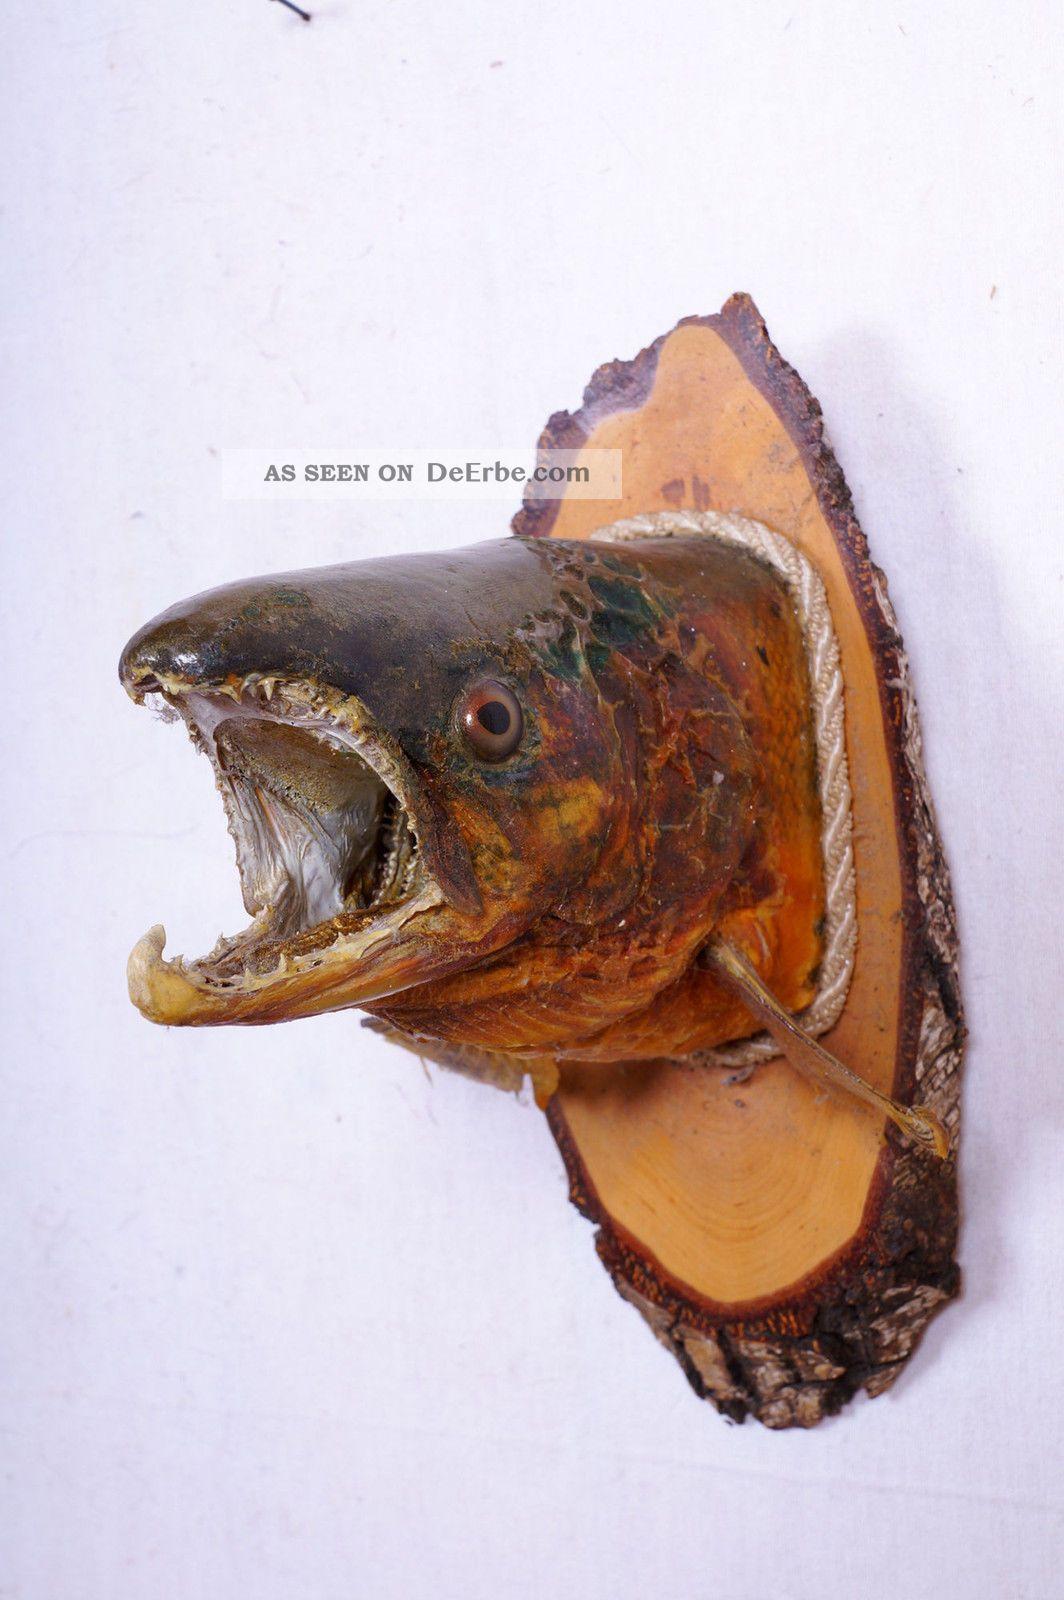 Alter Fischkopf Auf Trophäenbrett Fish Taxidermy Auslage: 25 Cm Jagd & Fischen Bild